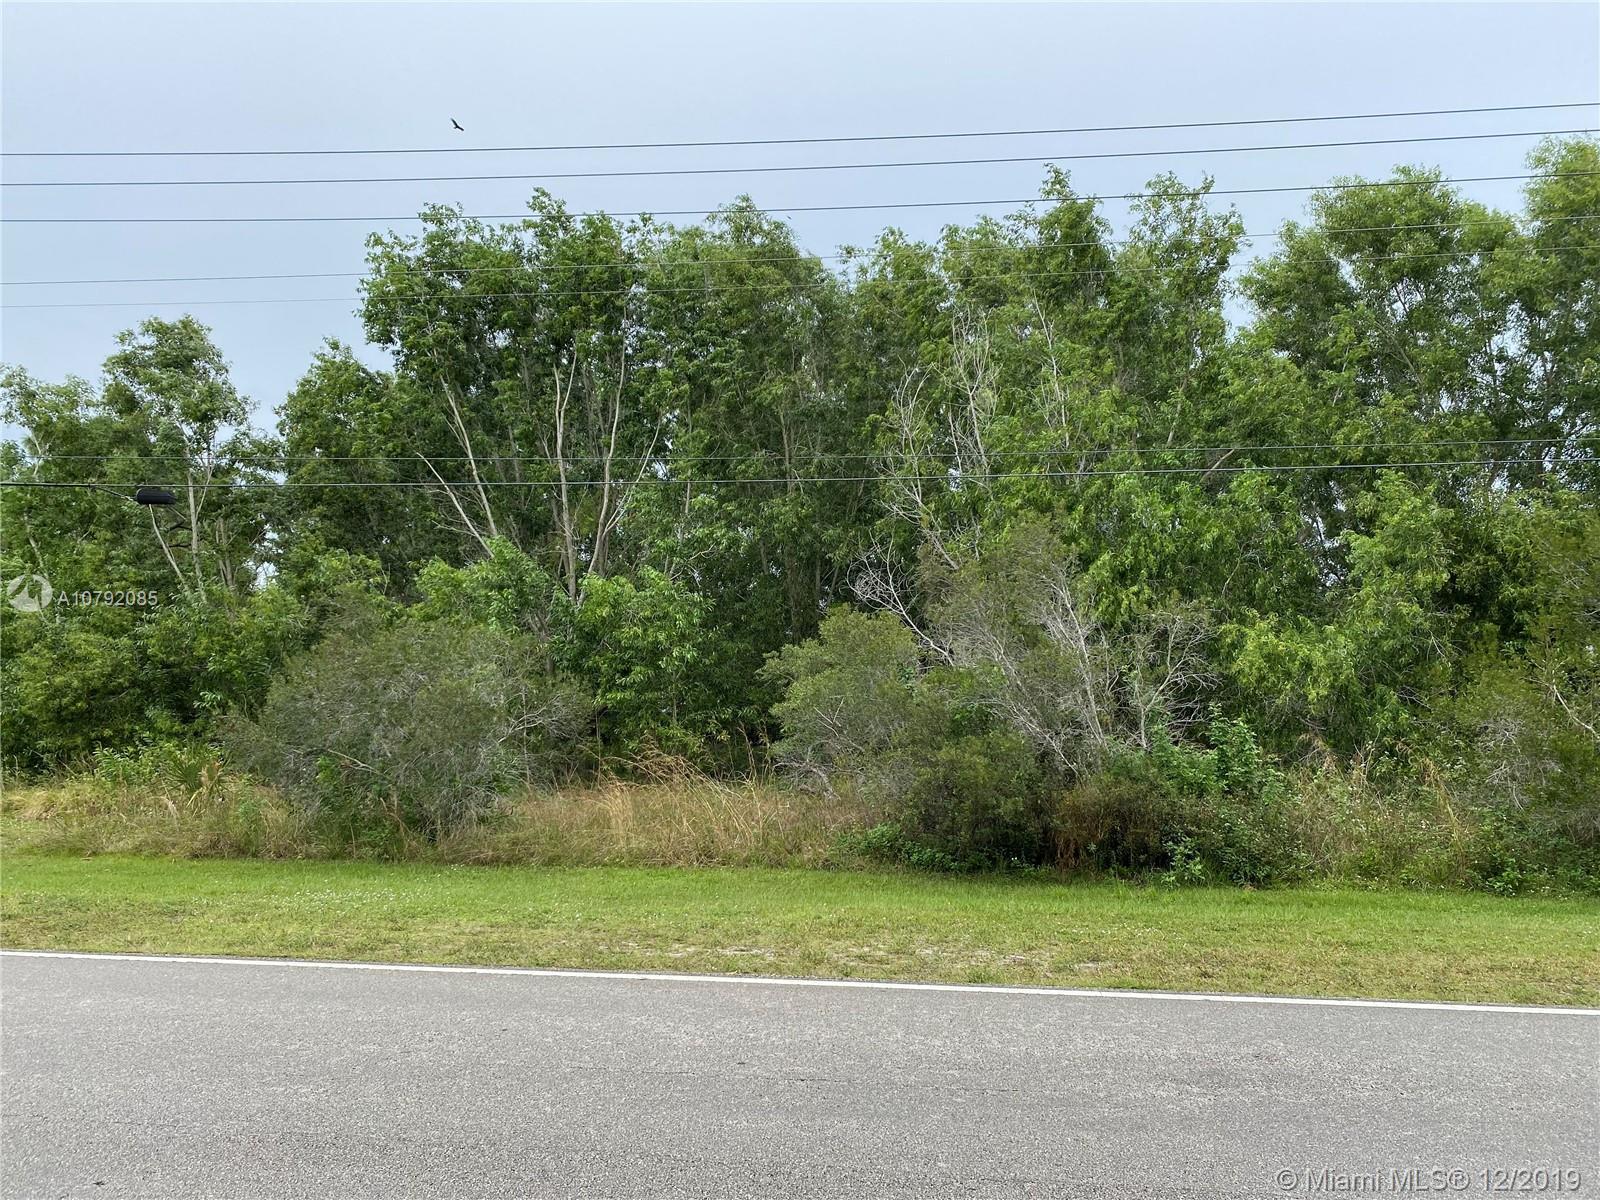 1002 Bayshore Blvd, Port St. Lucie, FL 34983